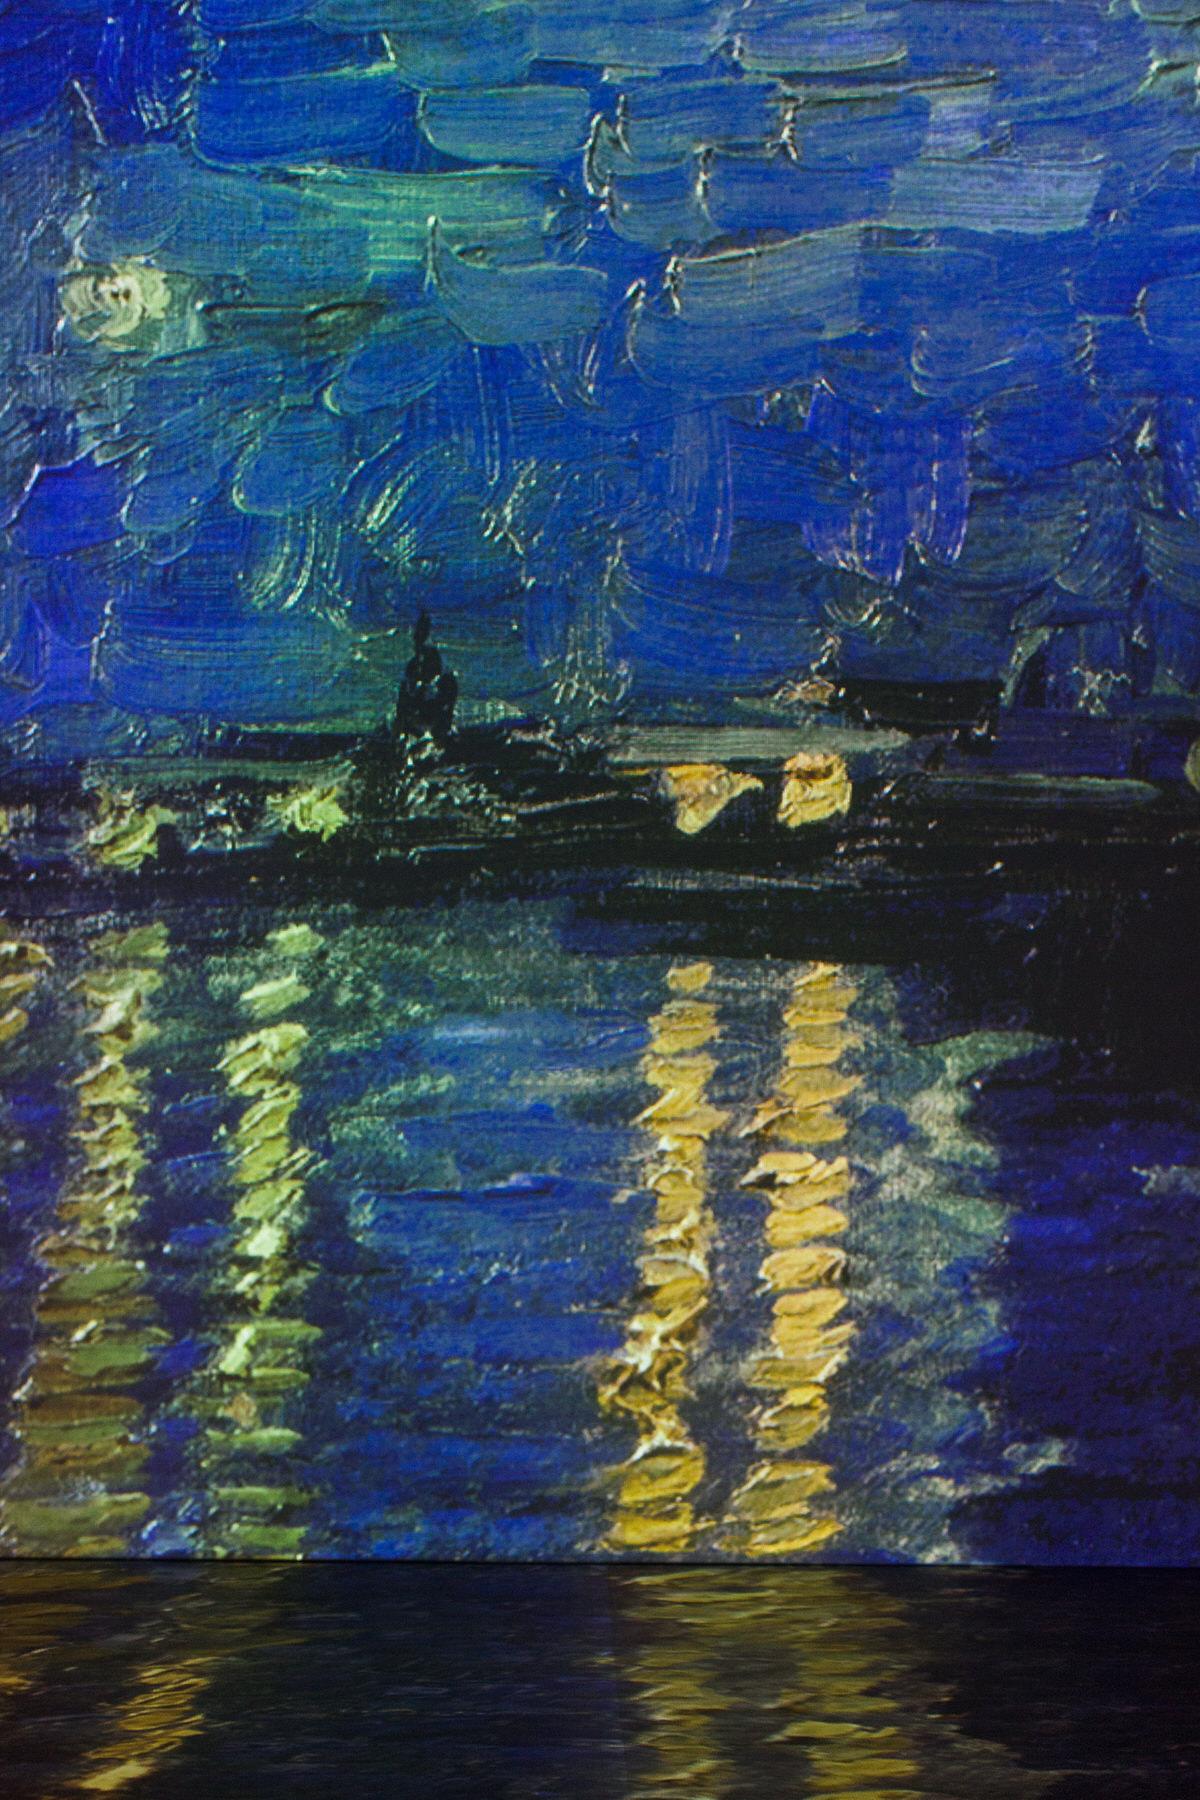 Van-Gogh-Exhibit-Wisconsin-Center-Milwaukee-by-Studio-L-Artist-Photographer-Laura-Schneider-_9814